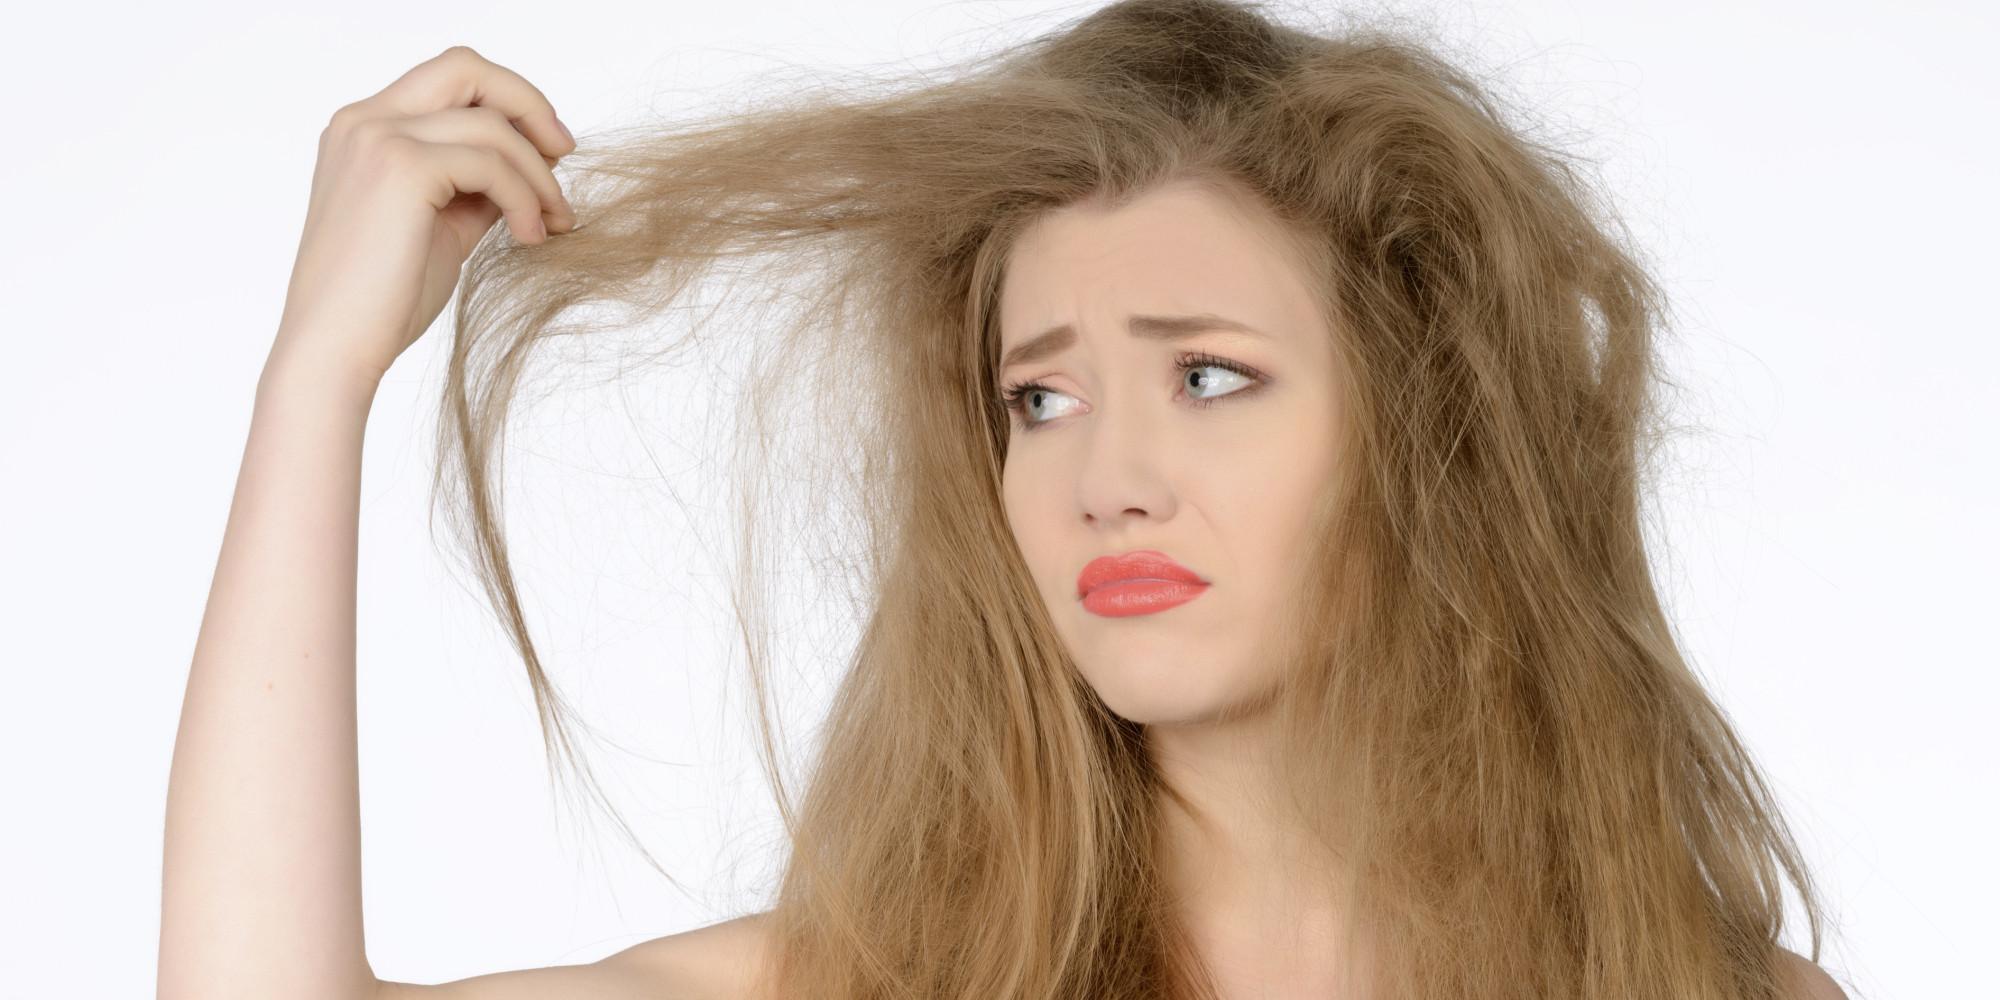 وصفات لعلاج الشعر الجاف من المنزل